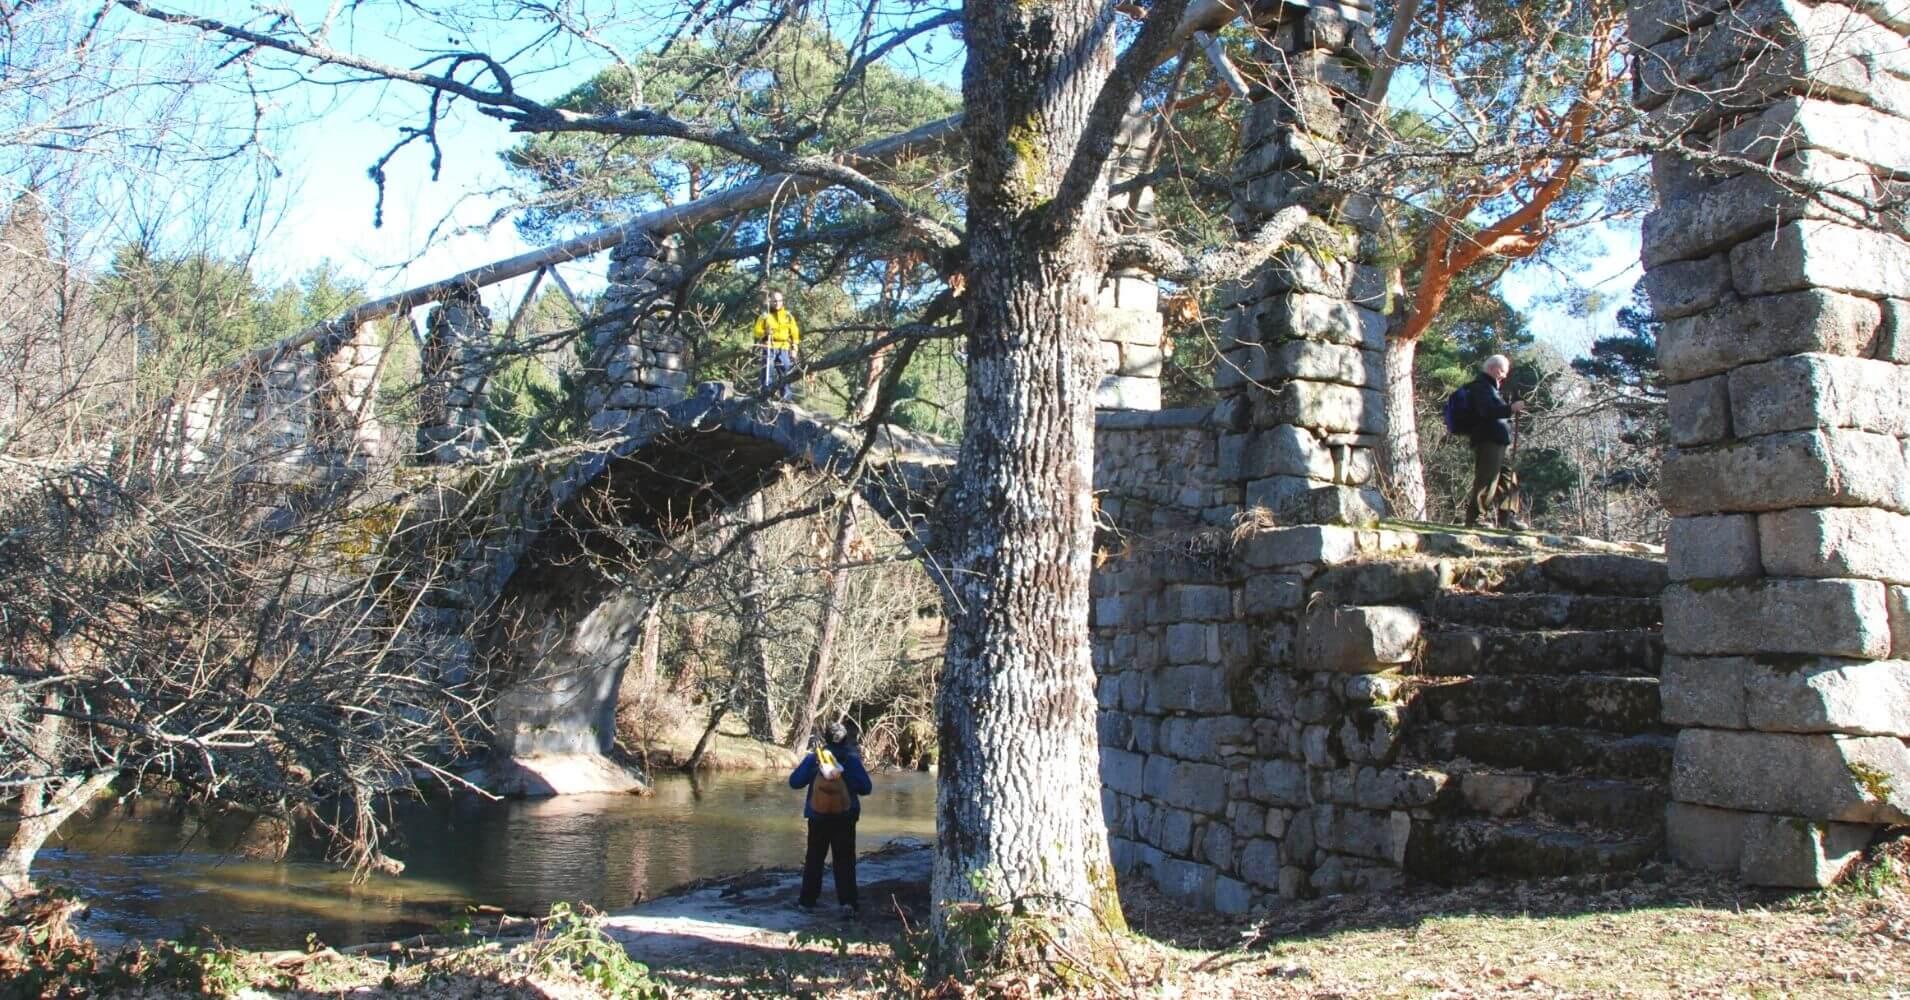 Puente de los Canales. Río Eresma. Valsaín. Segovia. Castilla y León.